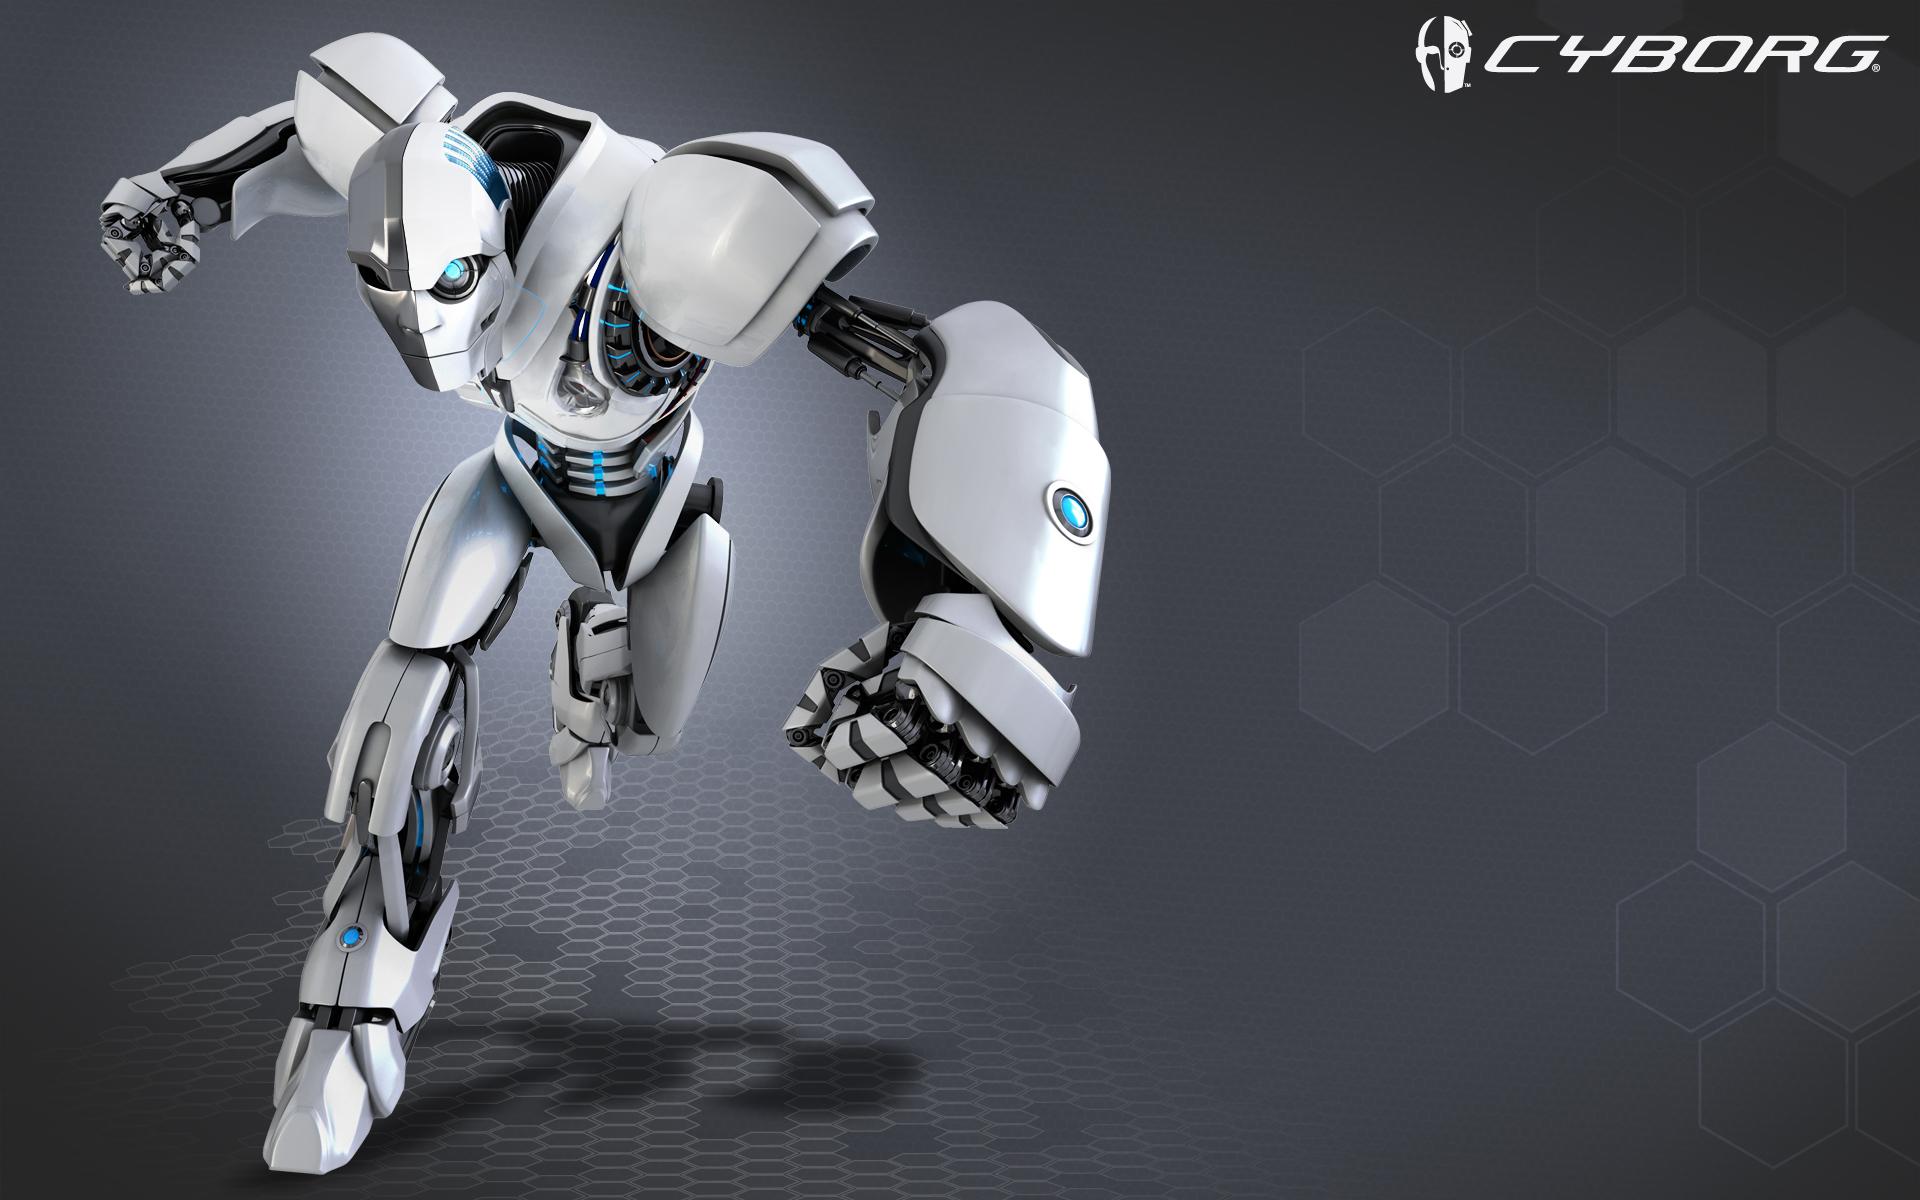 Cyborg robot mech mechanical videogames wallpaper - Robot wallpaper 3d ...